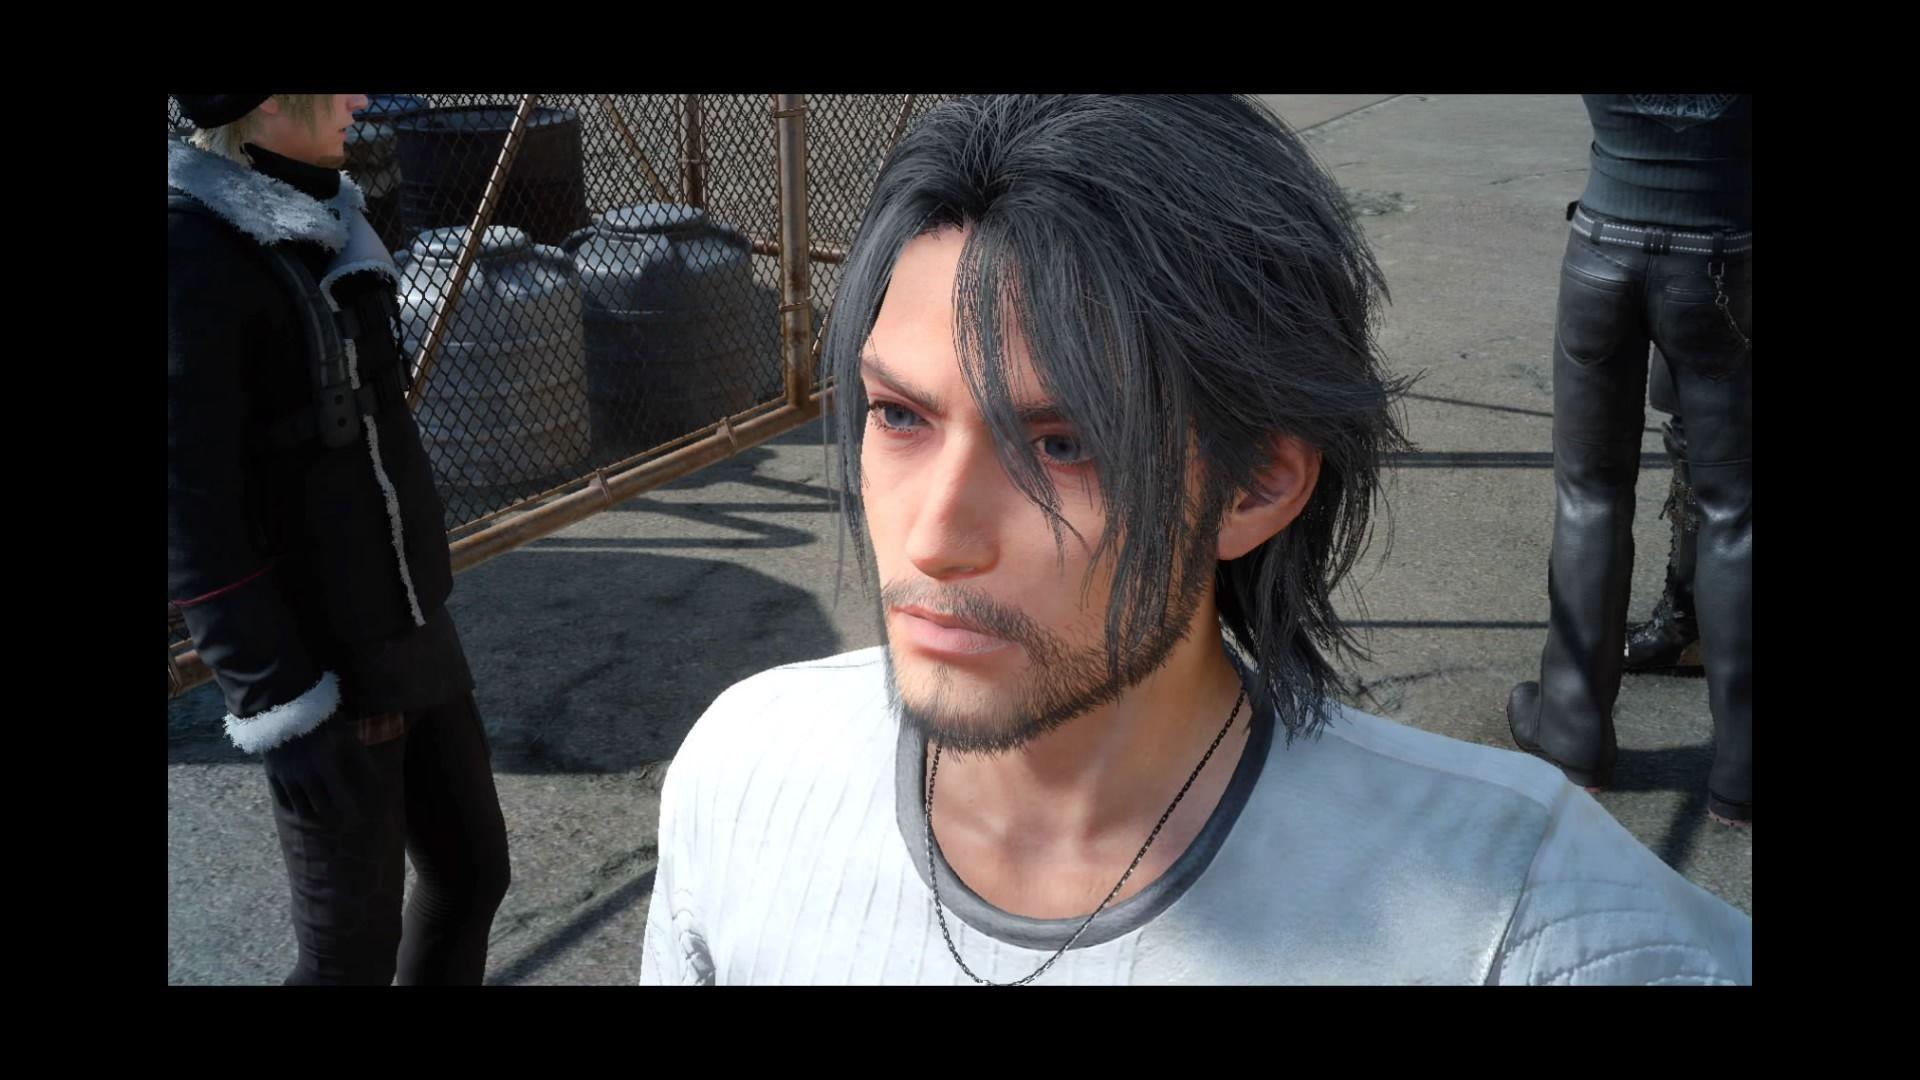 Old Noctis Ffxv: Old Noctis Portrait, Final Fantasy XV